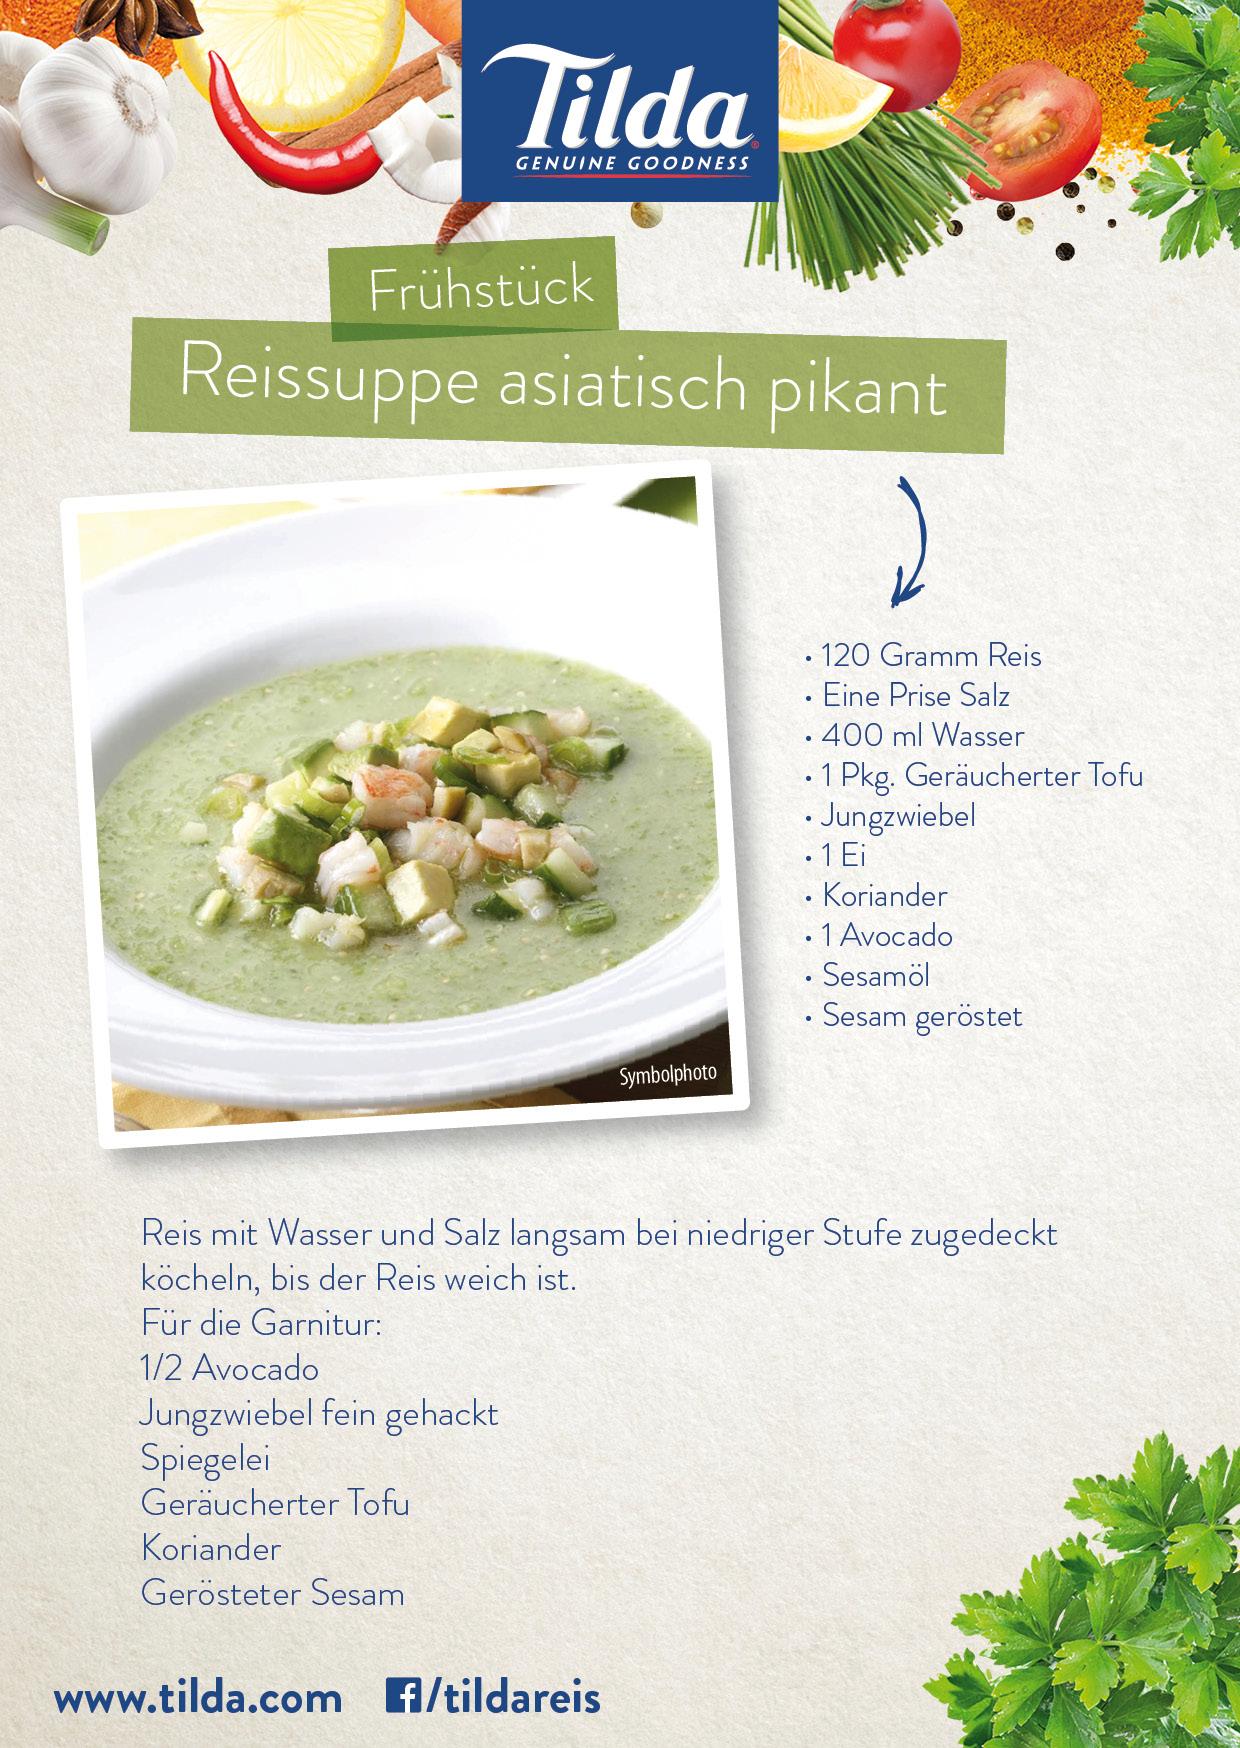 Reissuppe asiatisch pikant mit Tilda Basmati Reis - Freude am Kochen - vegan